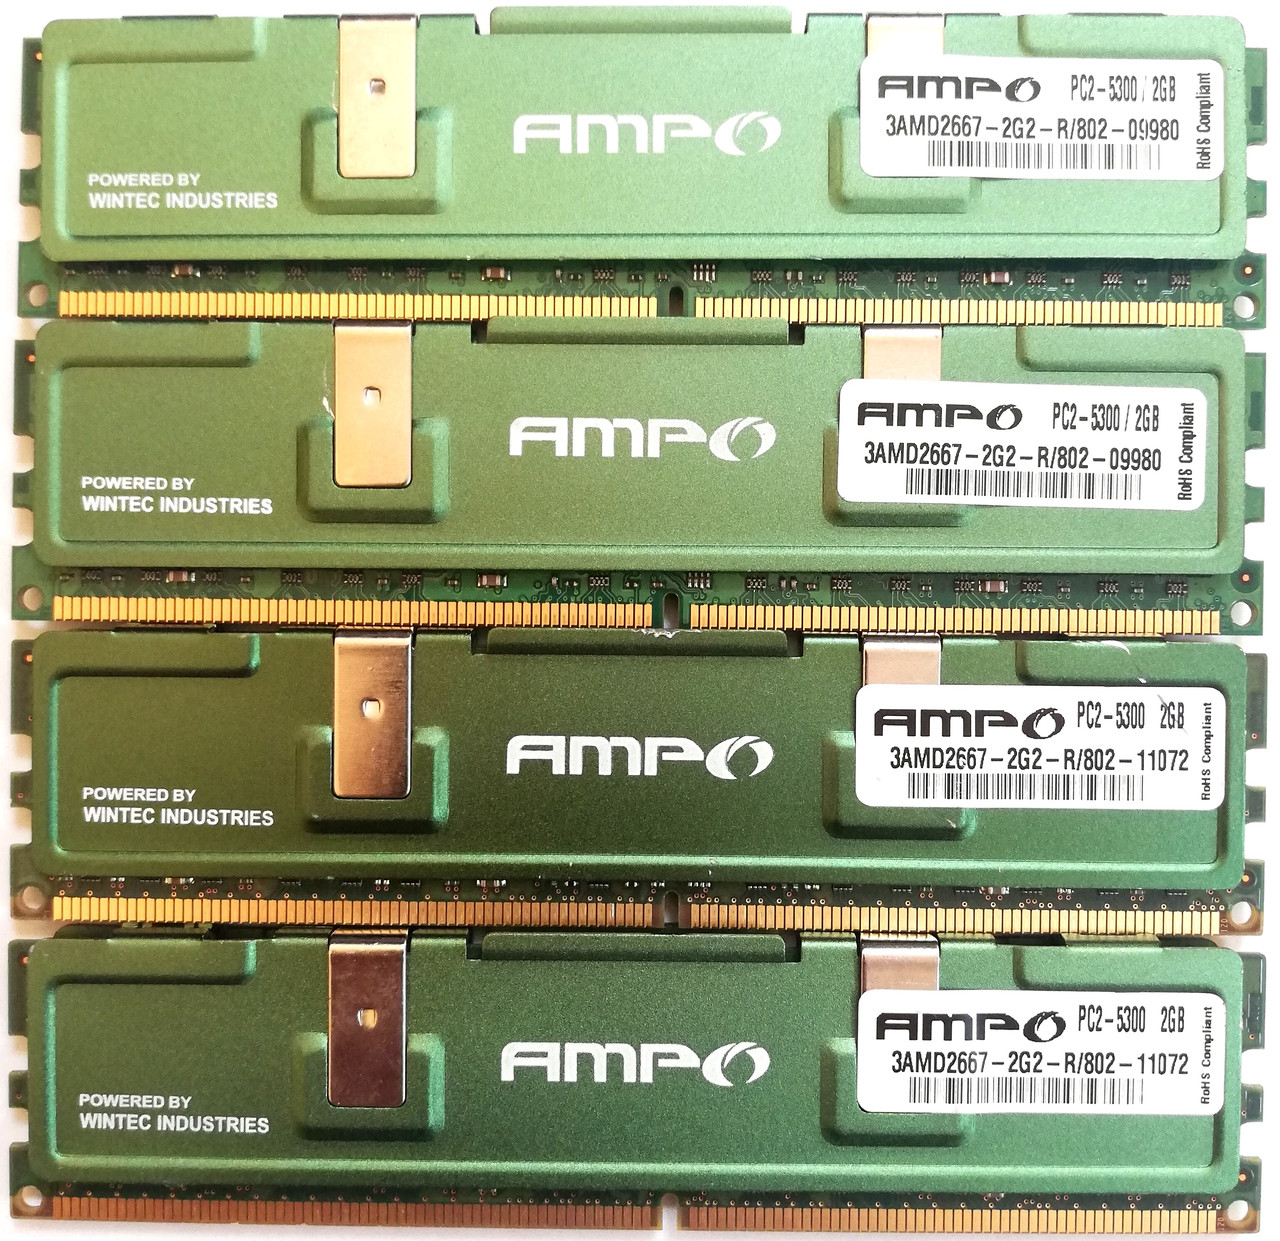 Комплект оперативной памяти Wintec AMPO DDR2 8Gb (4*2Gb) 667MHz PC2 5300U CL5 2R8 (3AMD2667-2G2-R) Б/У